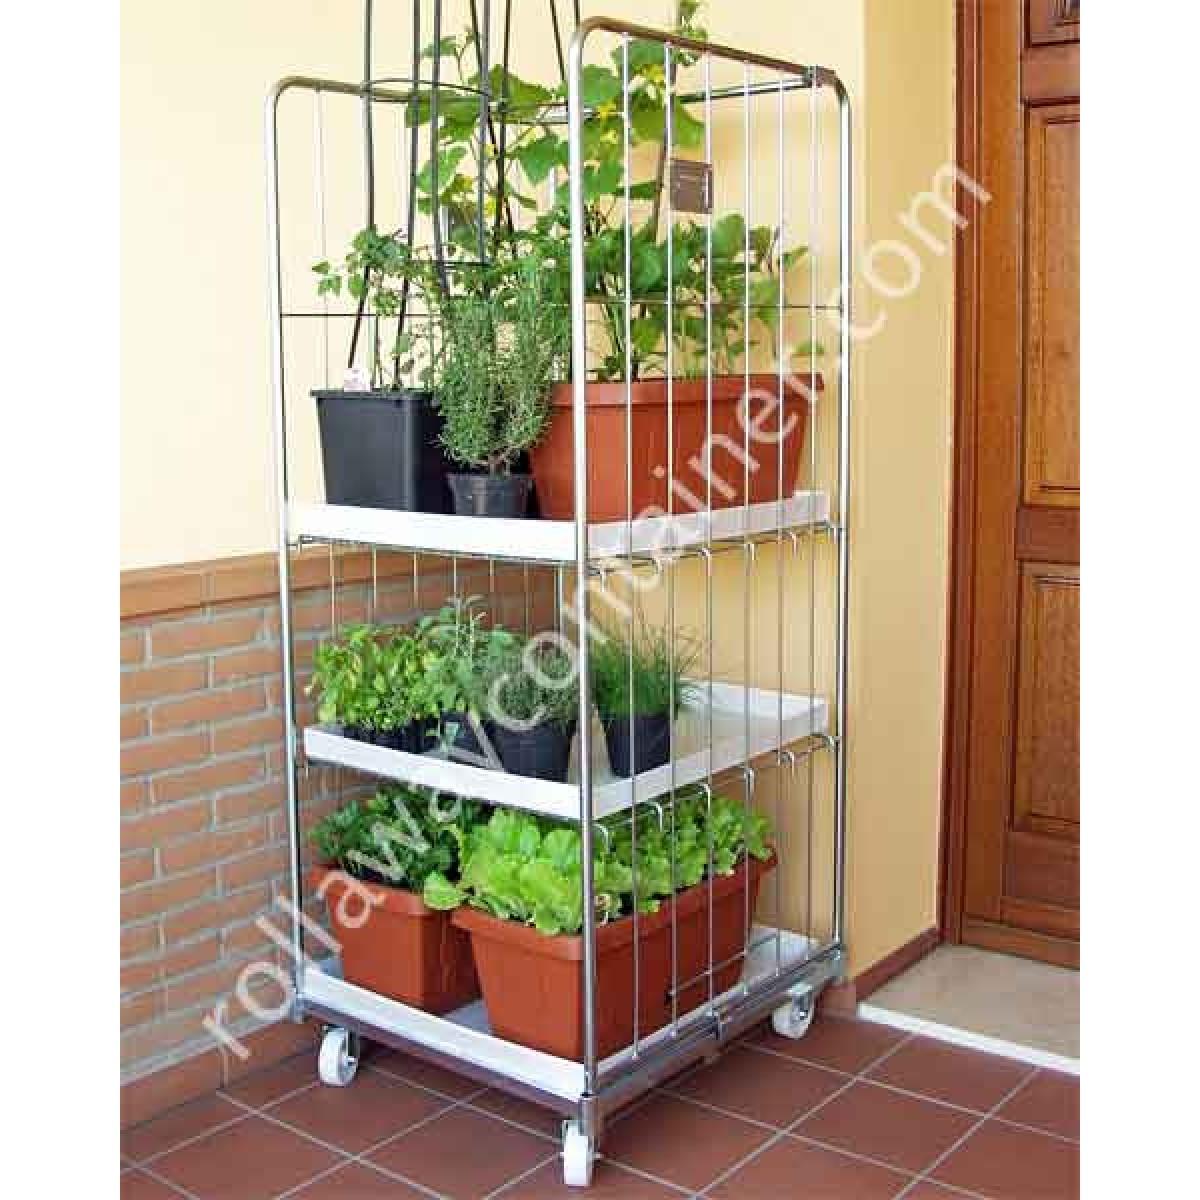 Serra da balcone o terrazzo in acciaio con ruote per ortaggi e piante